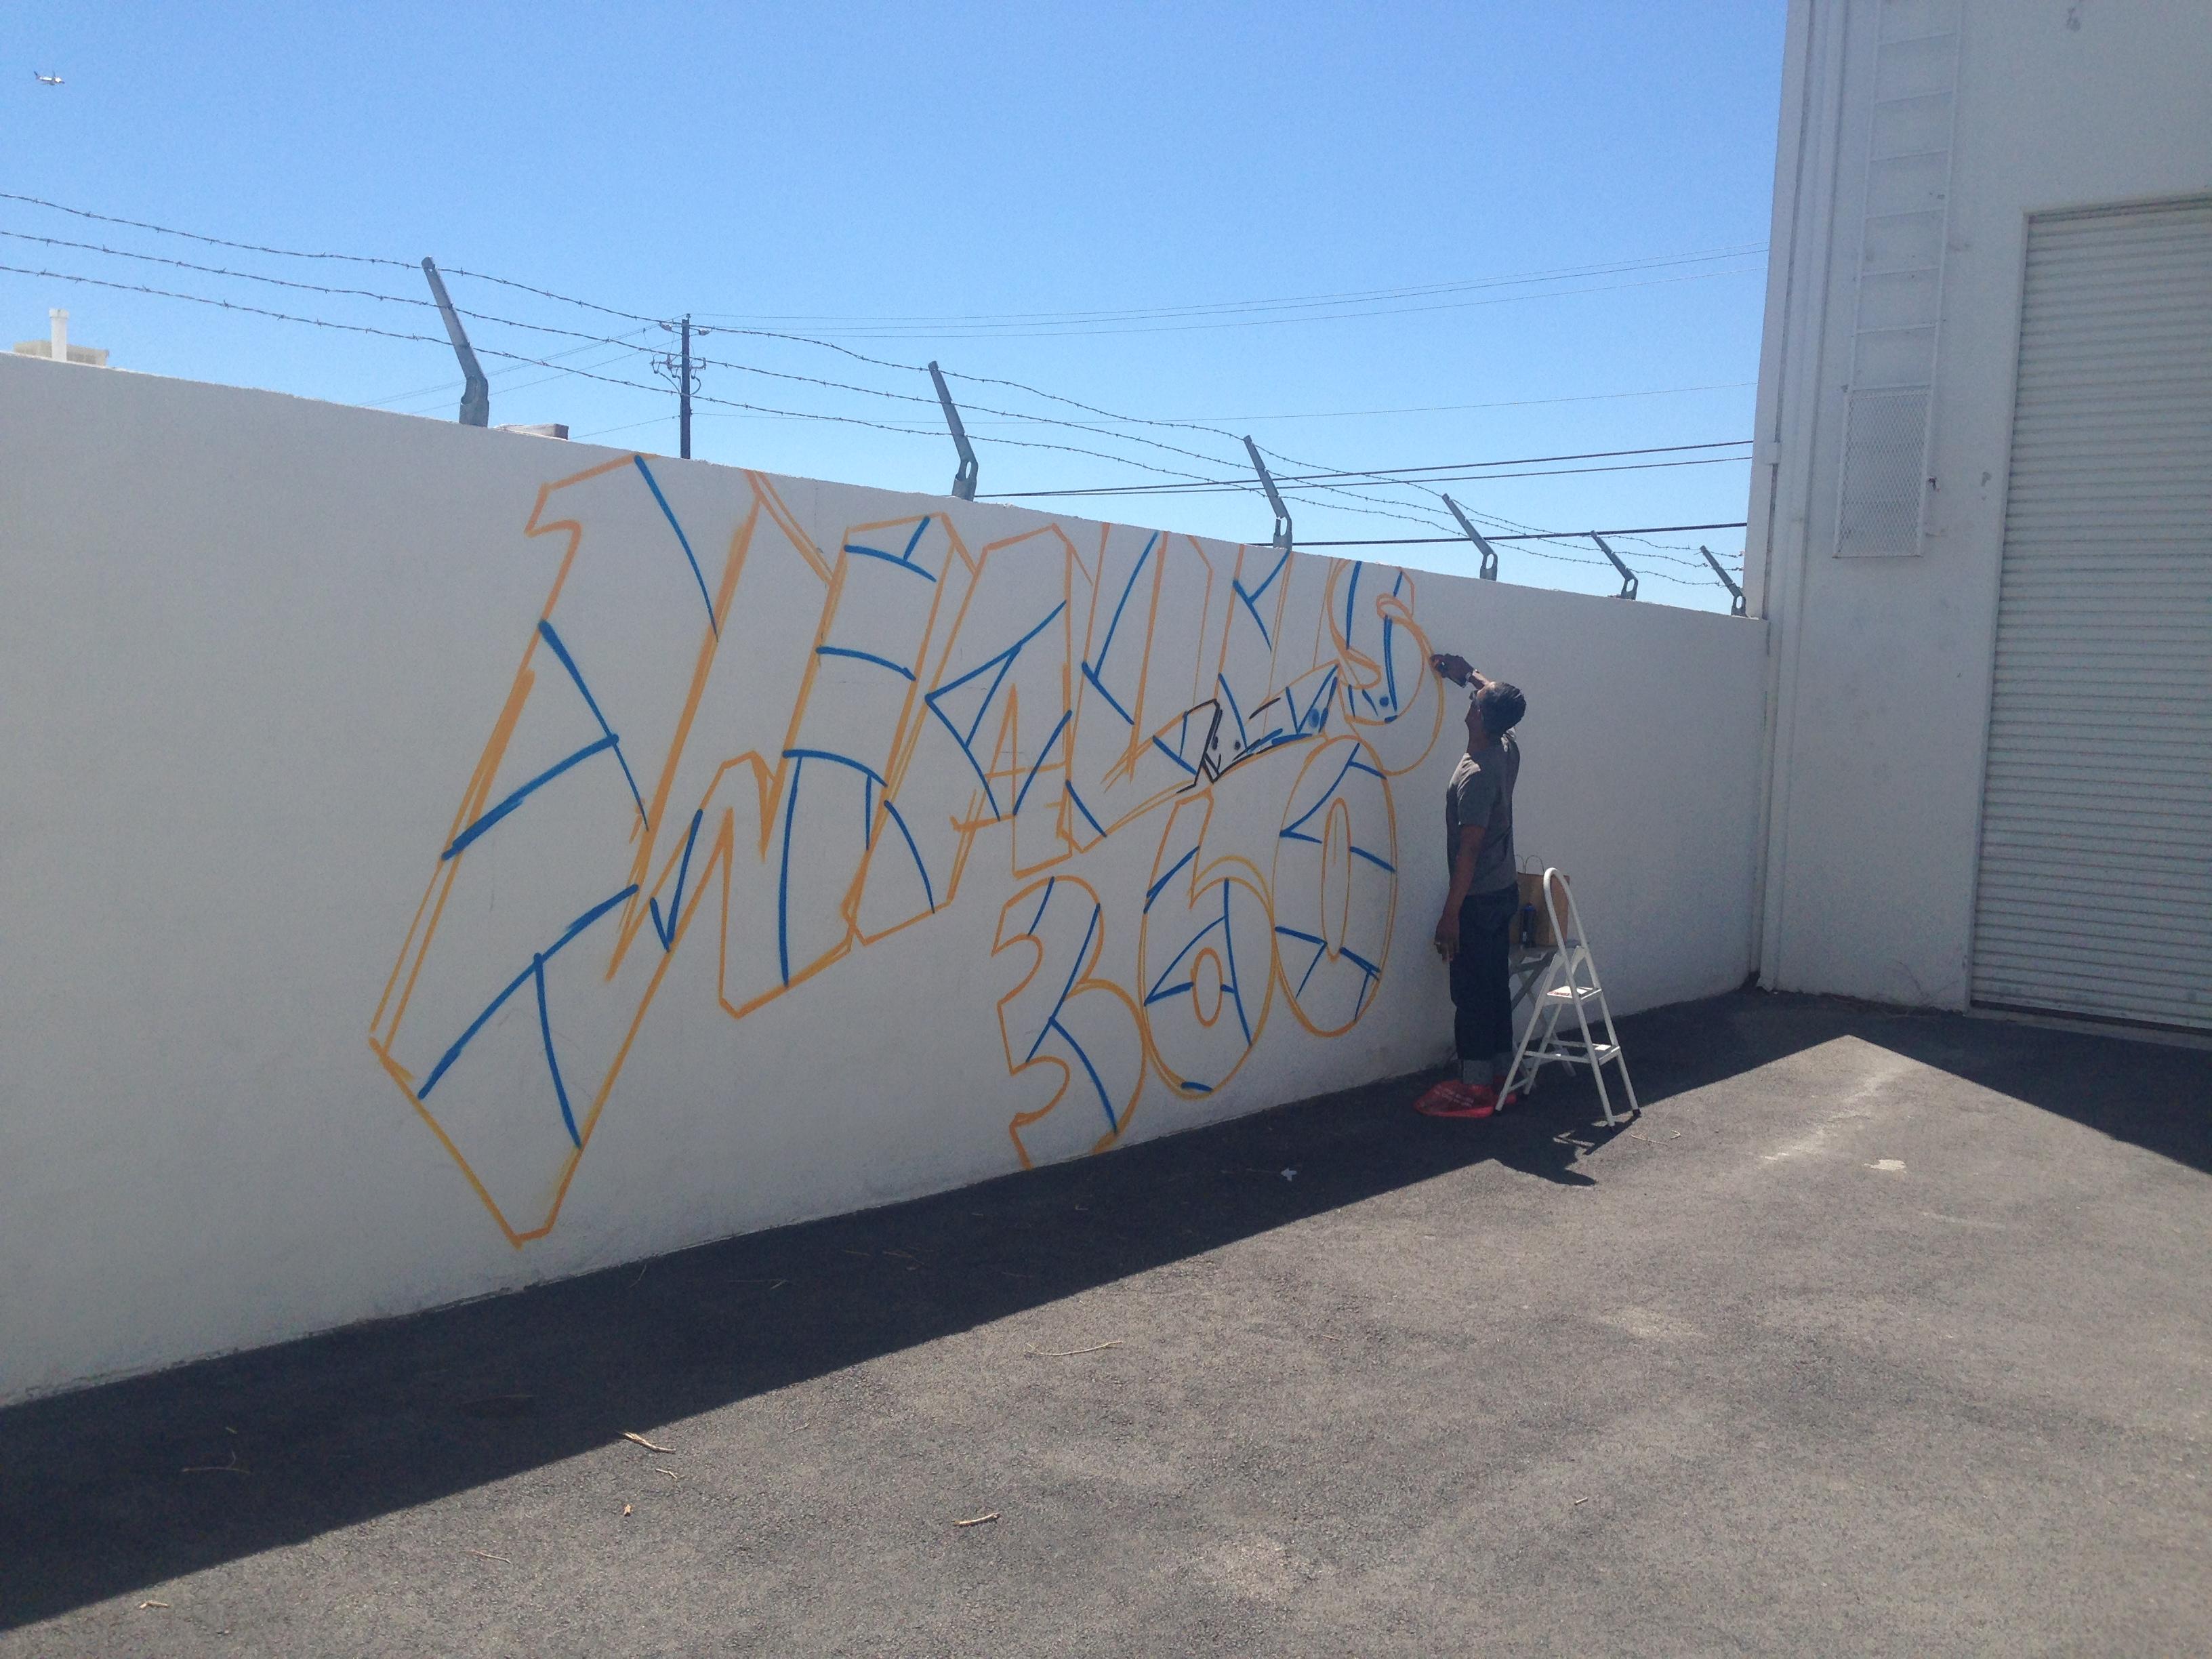 APEX mural at Walls360, Las Vegas